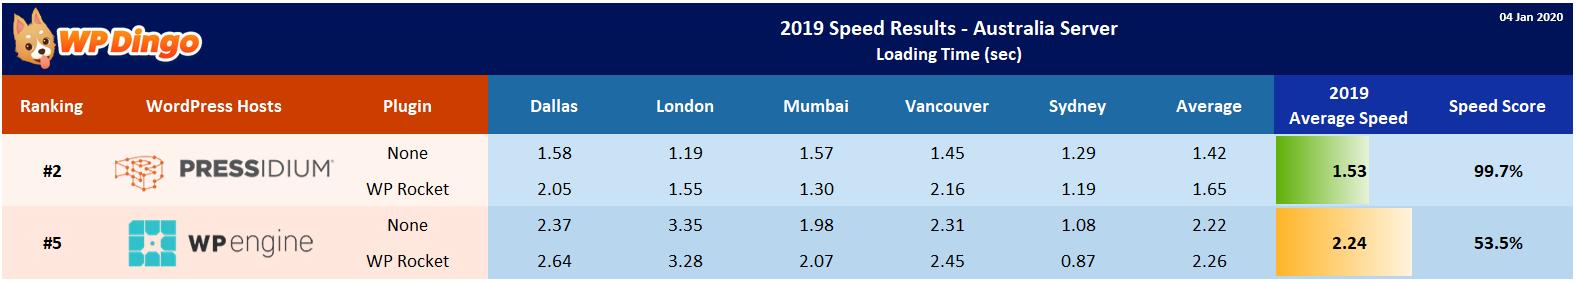 2019 Pressidium vs WP Engine Speed Table - Australia Server